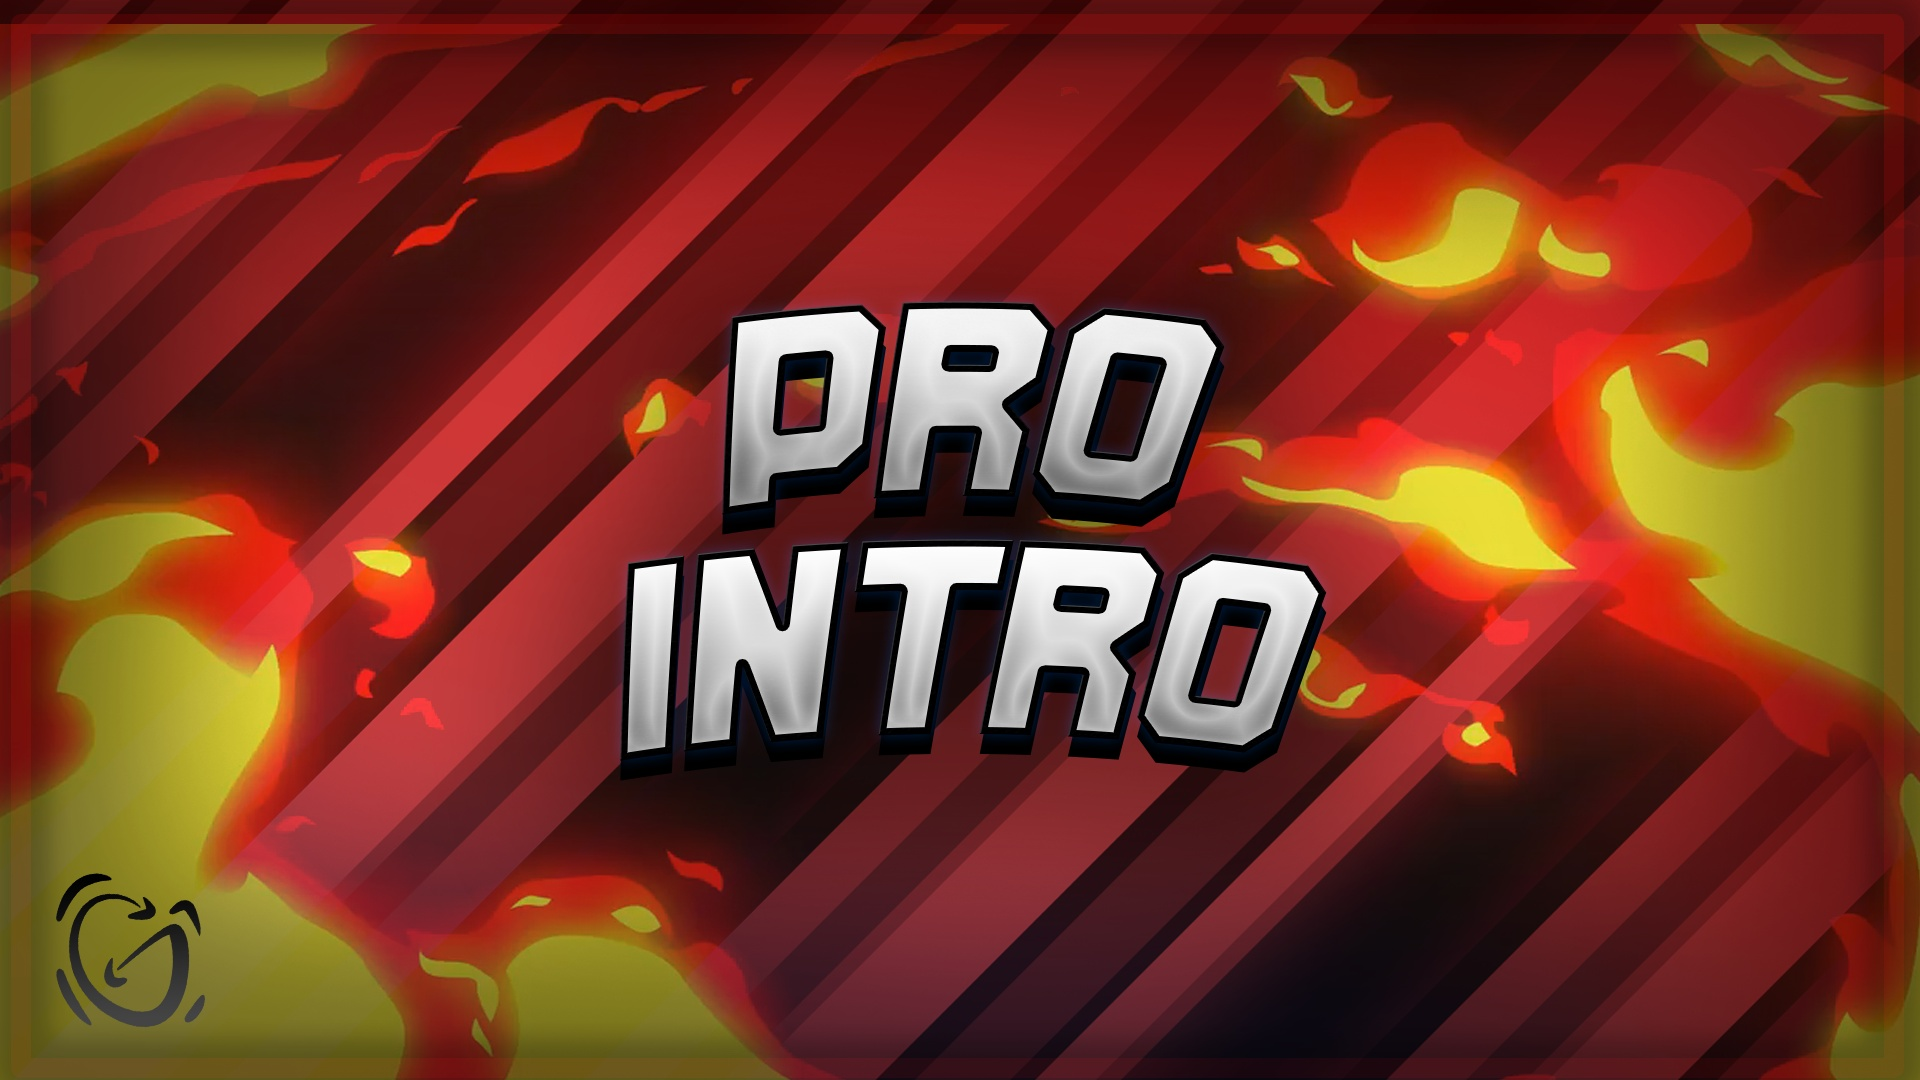 2D Professional Intro